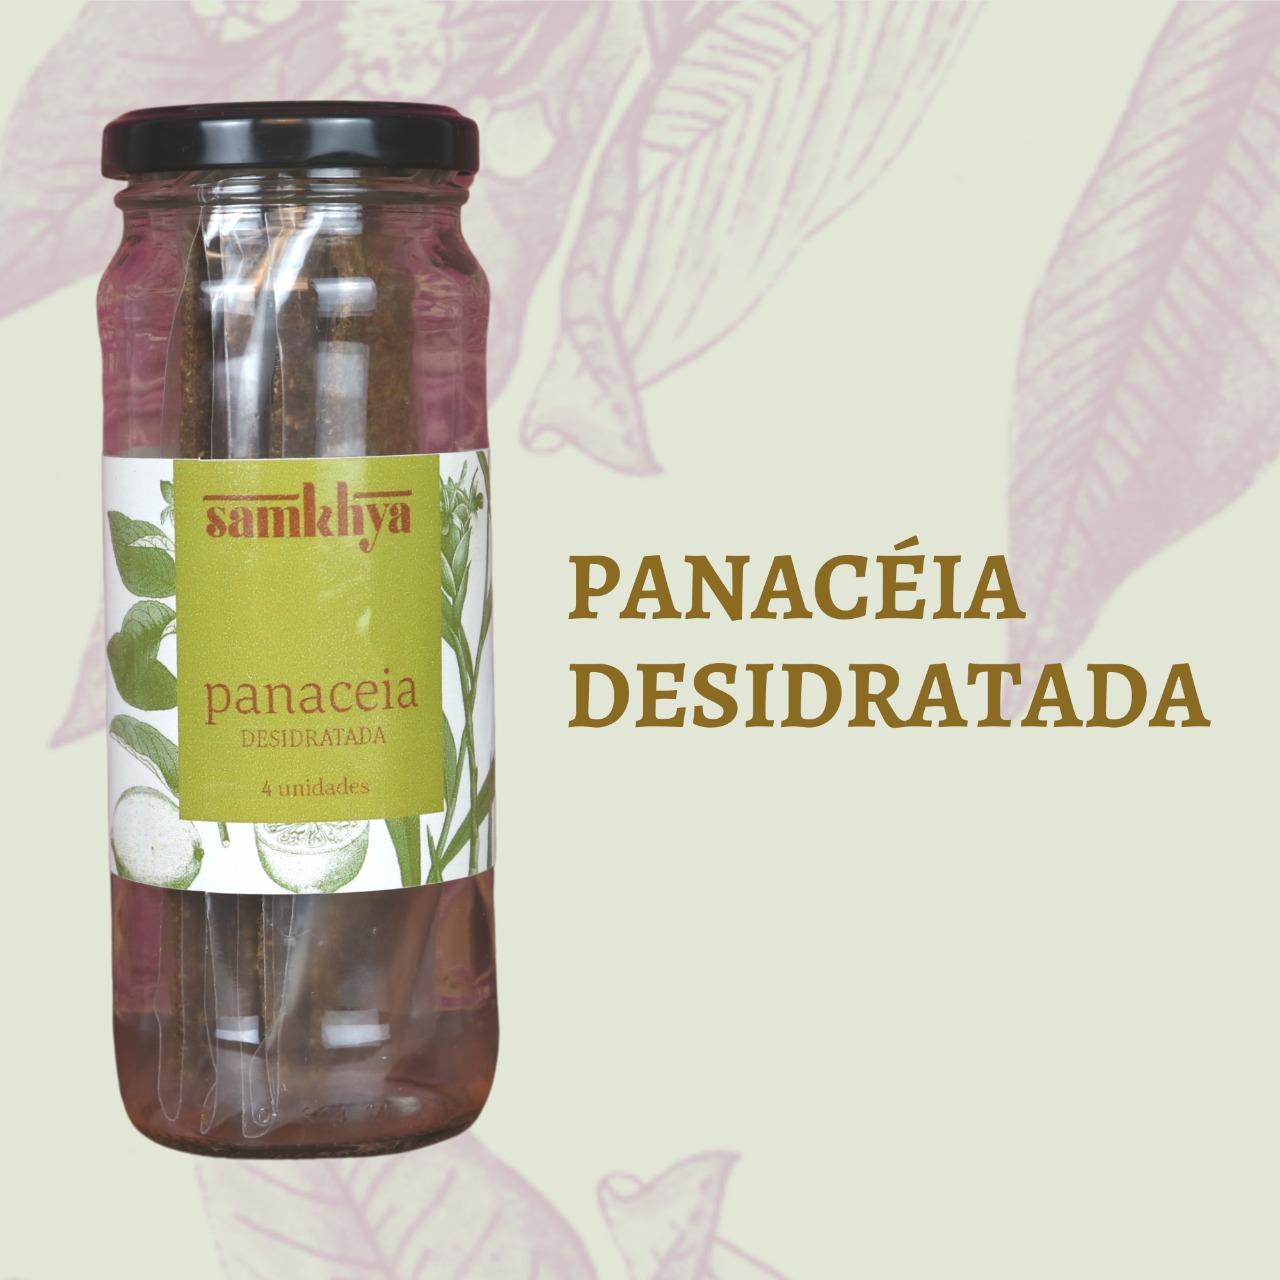 Panacéia desidratada